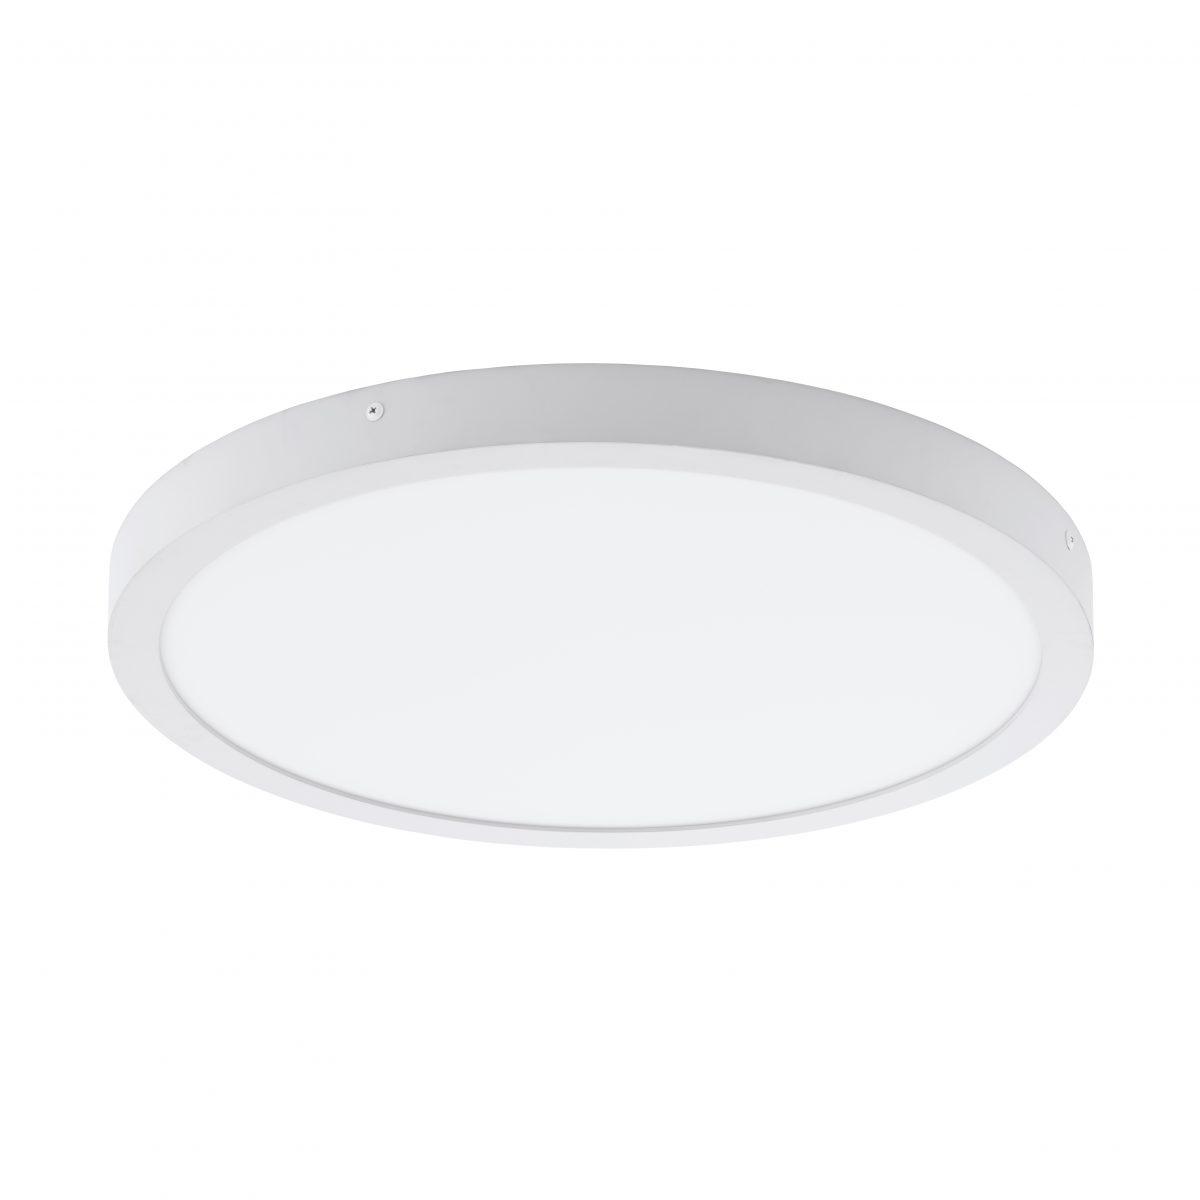 Светильник настенно-потолочный FUEVA 1 EGLO 97271 - Фото №28